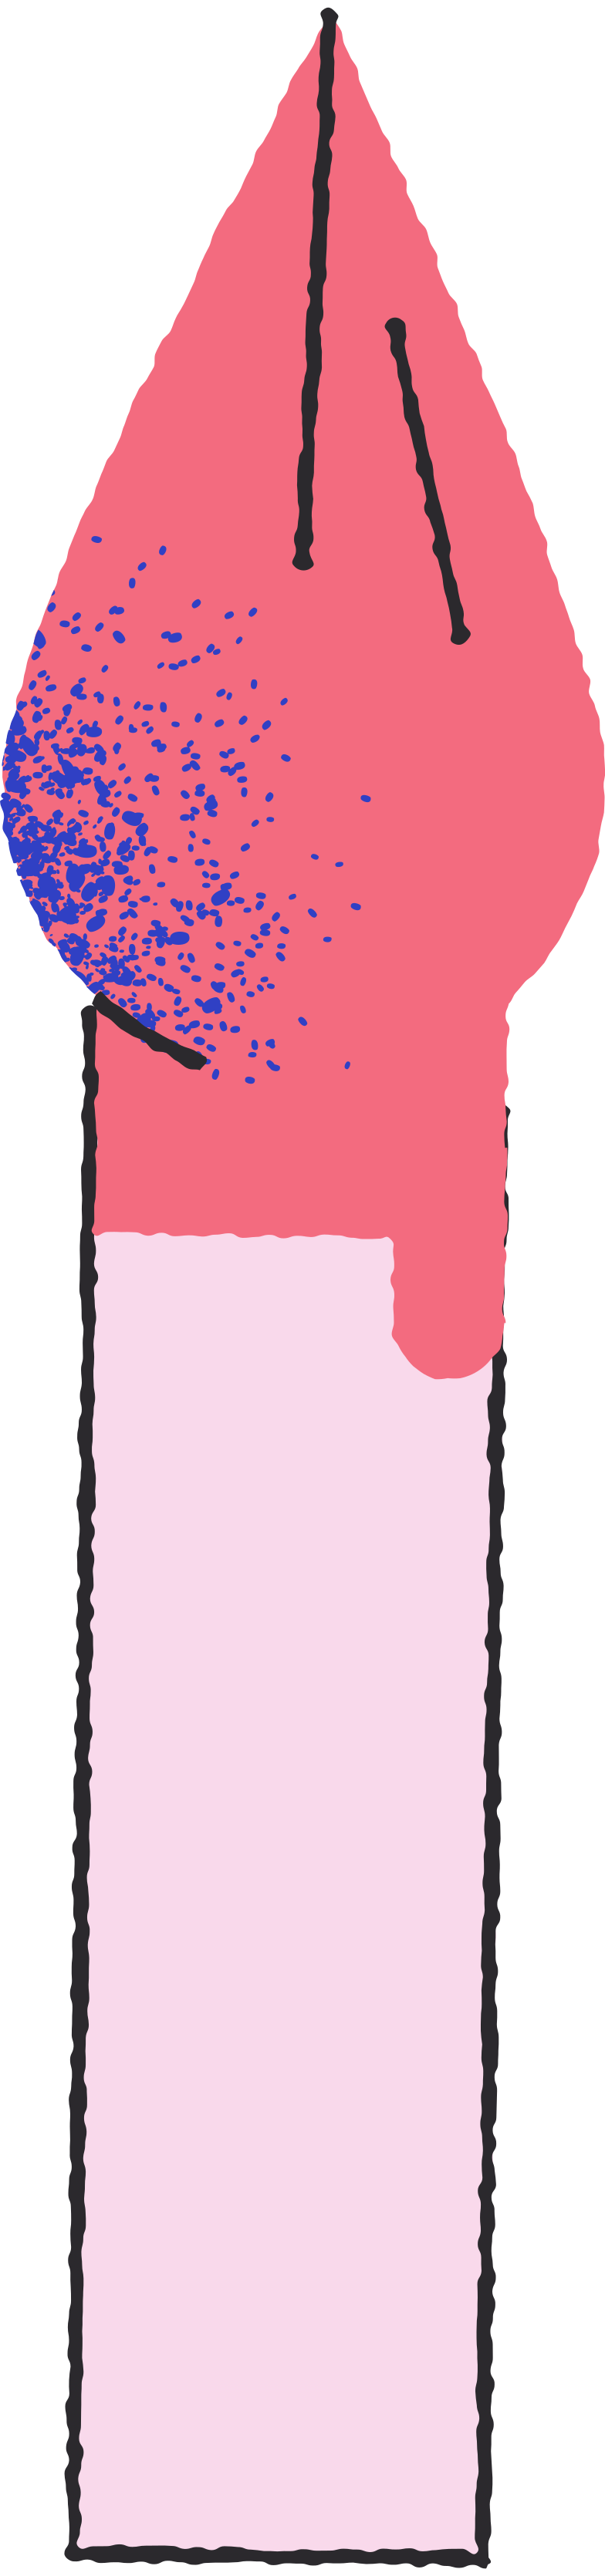 roter pinsel Clipart-Grafik als PNG, SVG